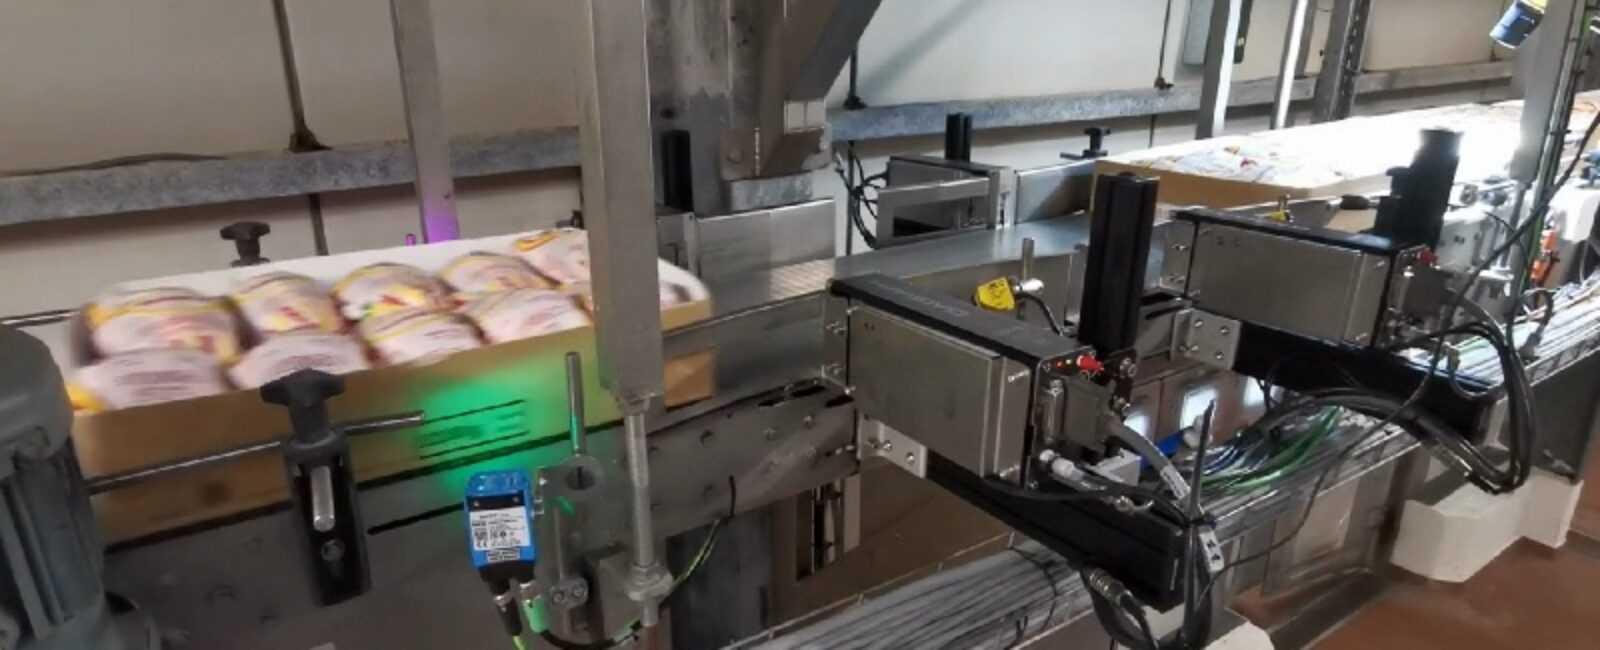 verpakkingsdozen in de voedingssector coderen